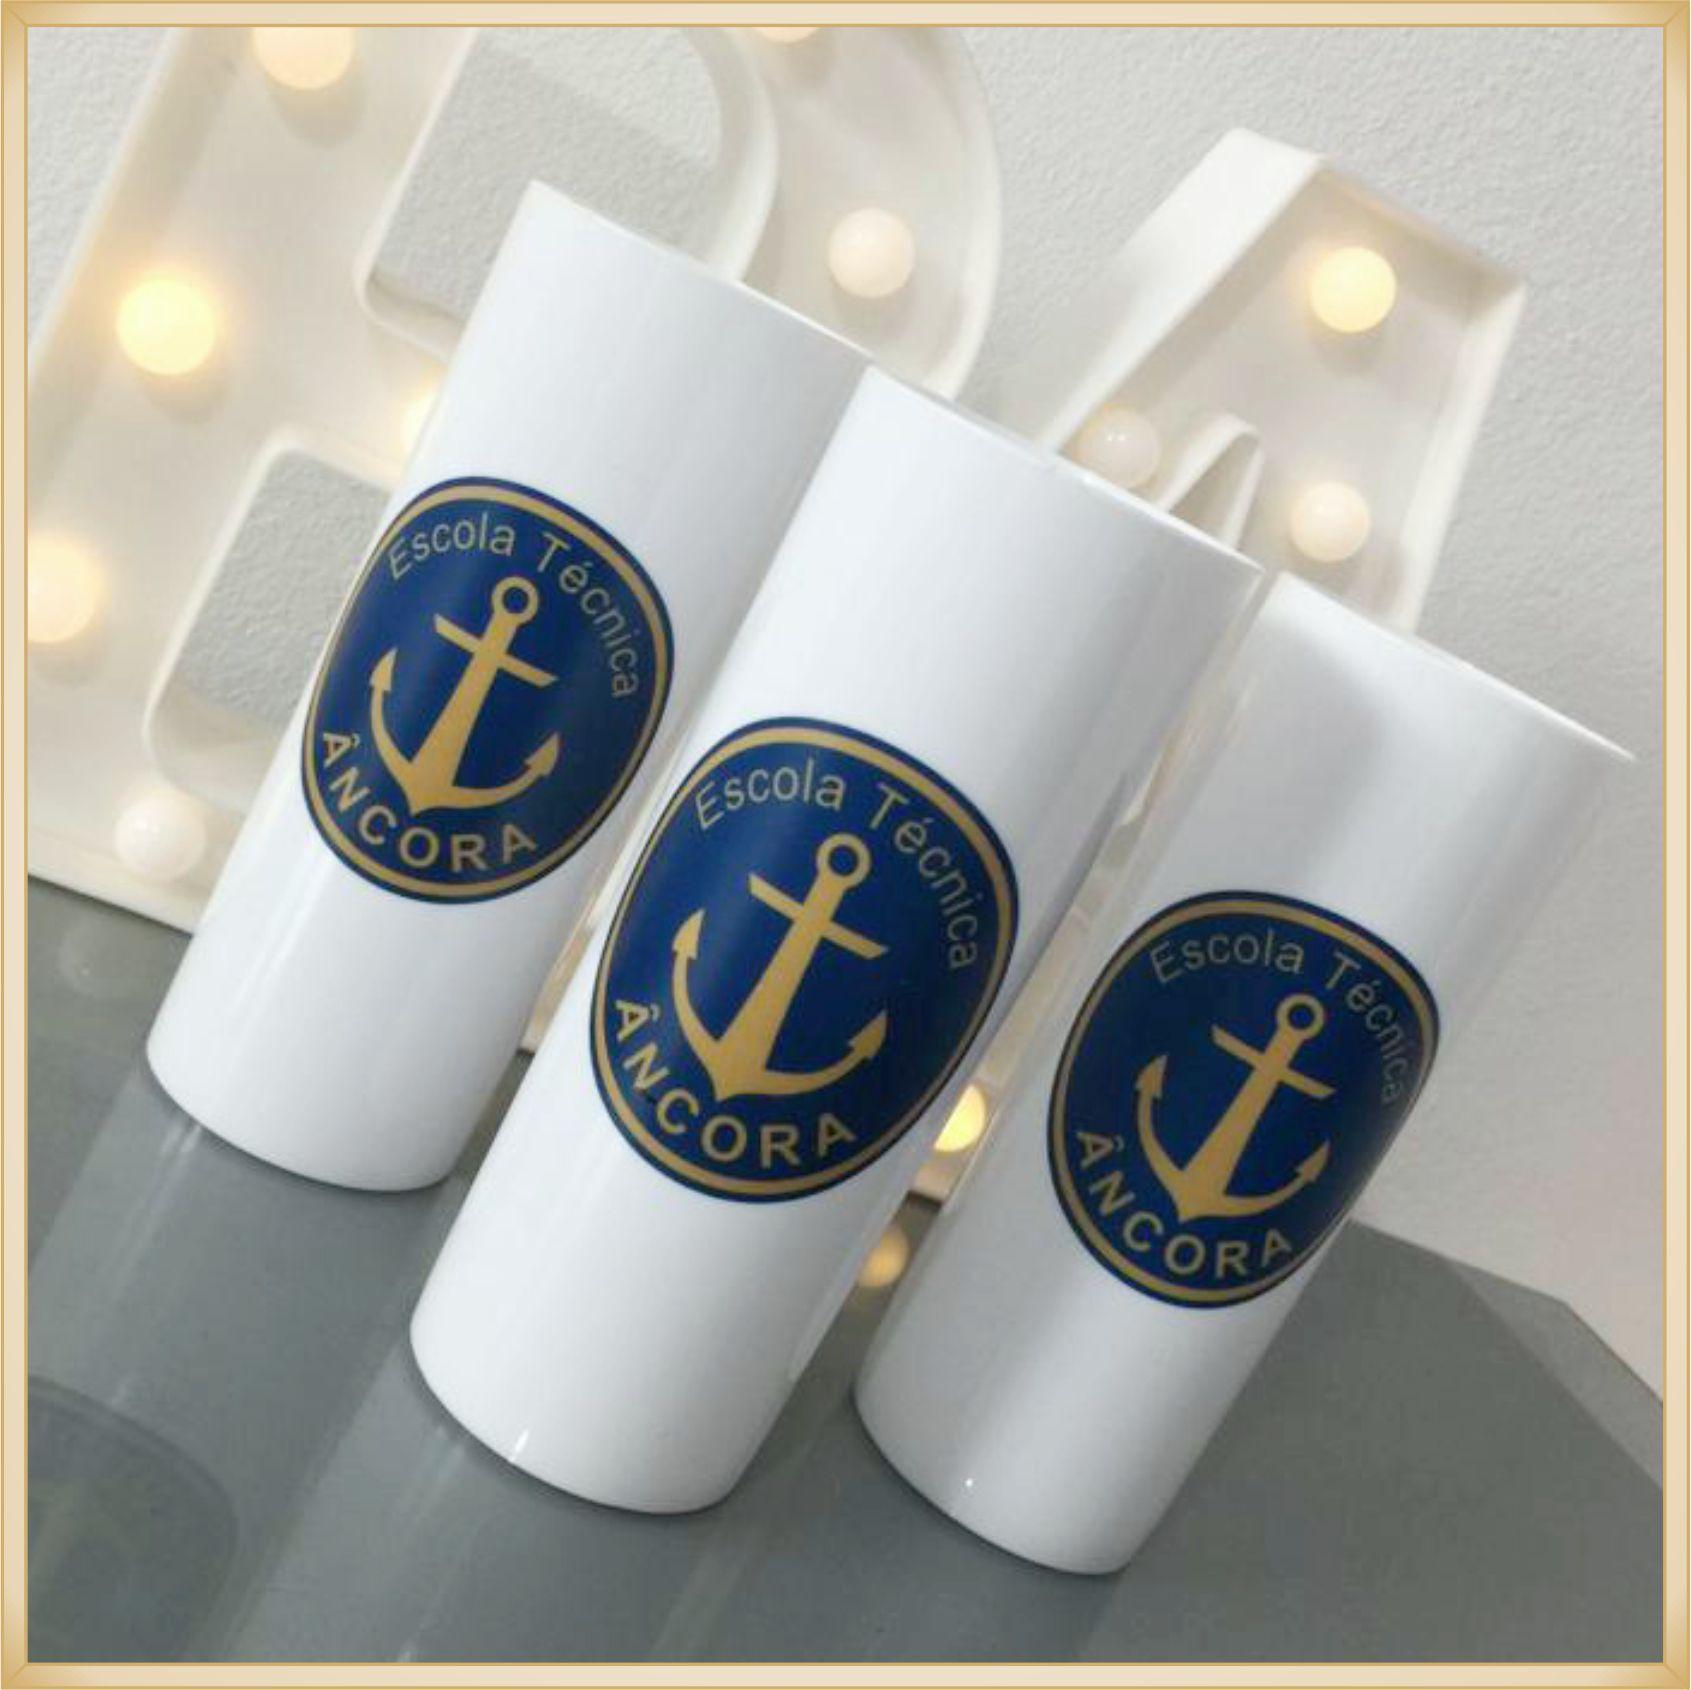 Copos long Drink Personalizados empresas - estampas de qualidade, brilhante, ótimo acabamento, parede de 2,5 mm, resistente, 325 ml.  kit 30 unidades